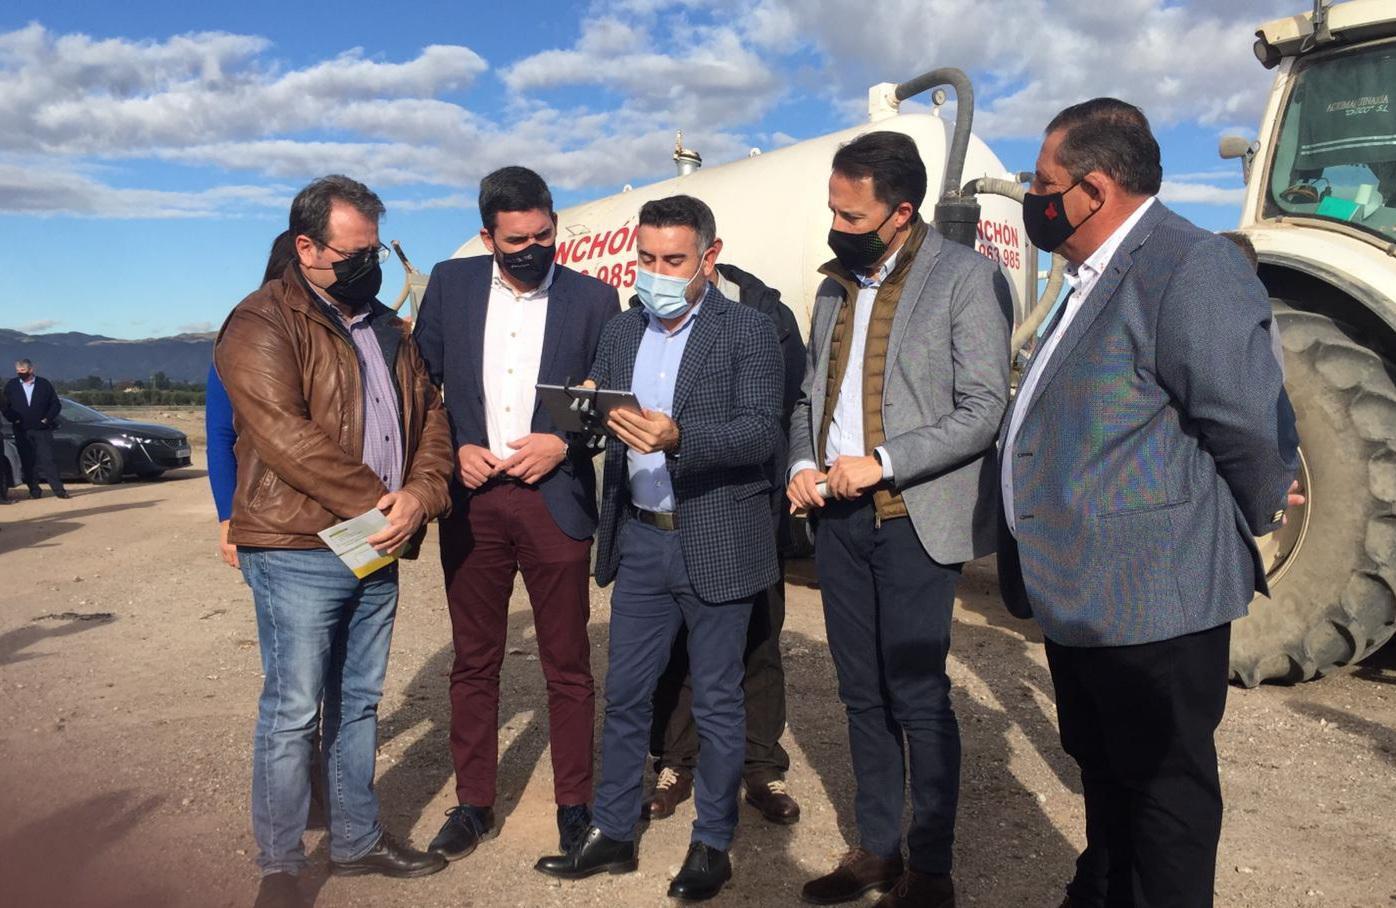 El Ayuntamiento de Lorca celebra la creación de la cooperativa GESALOR que se dedicará a la conversión de purines en abono orgánico y ecológico